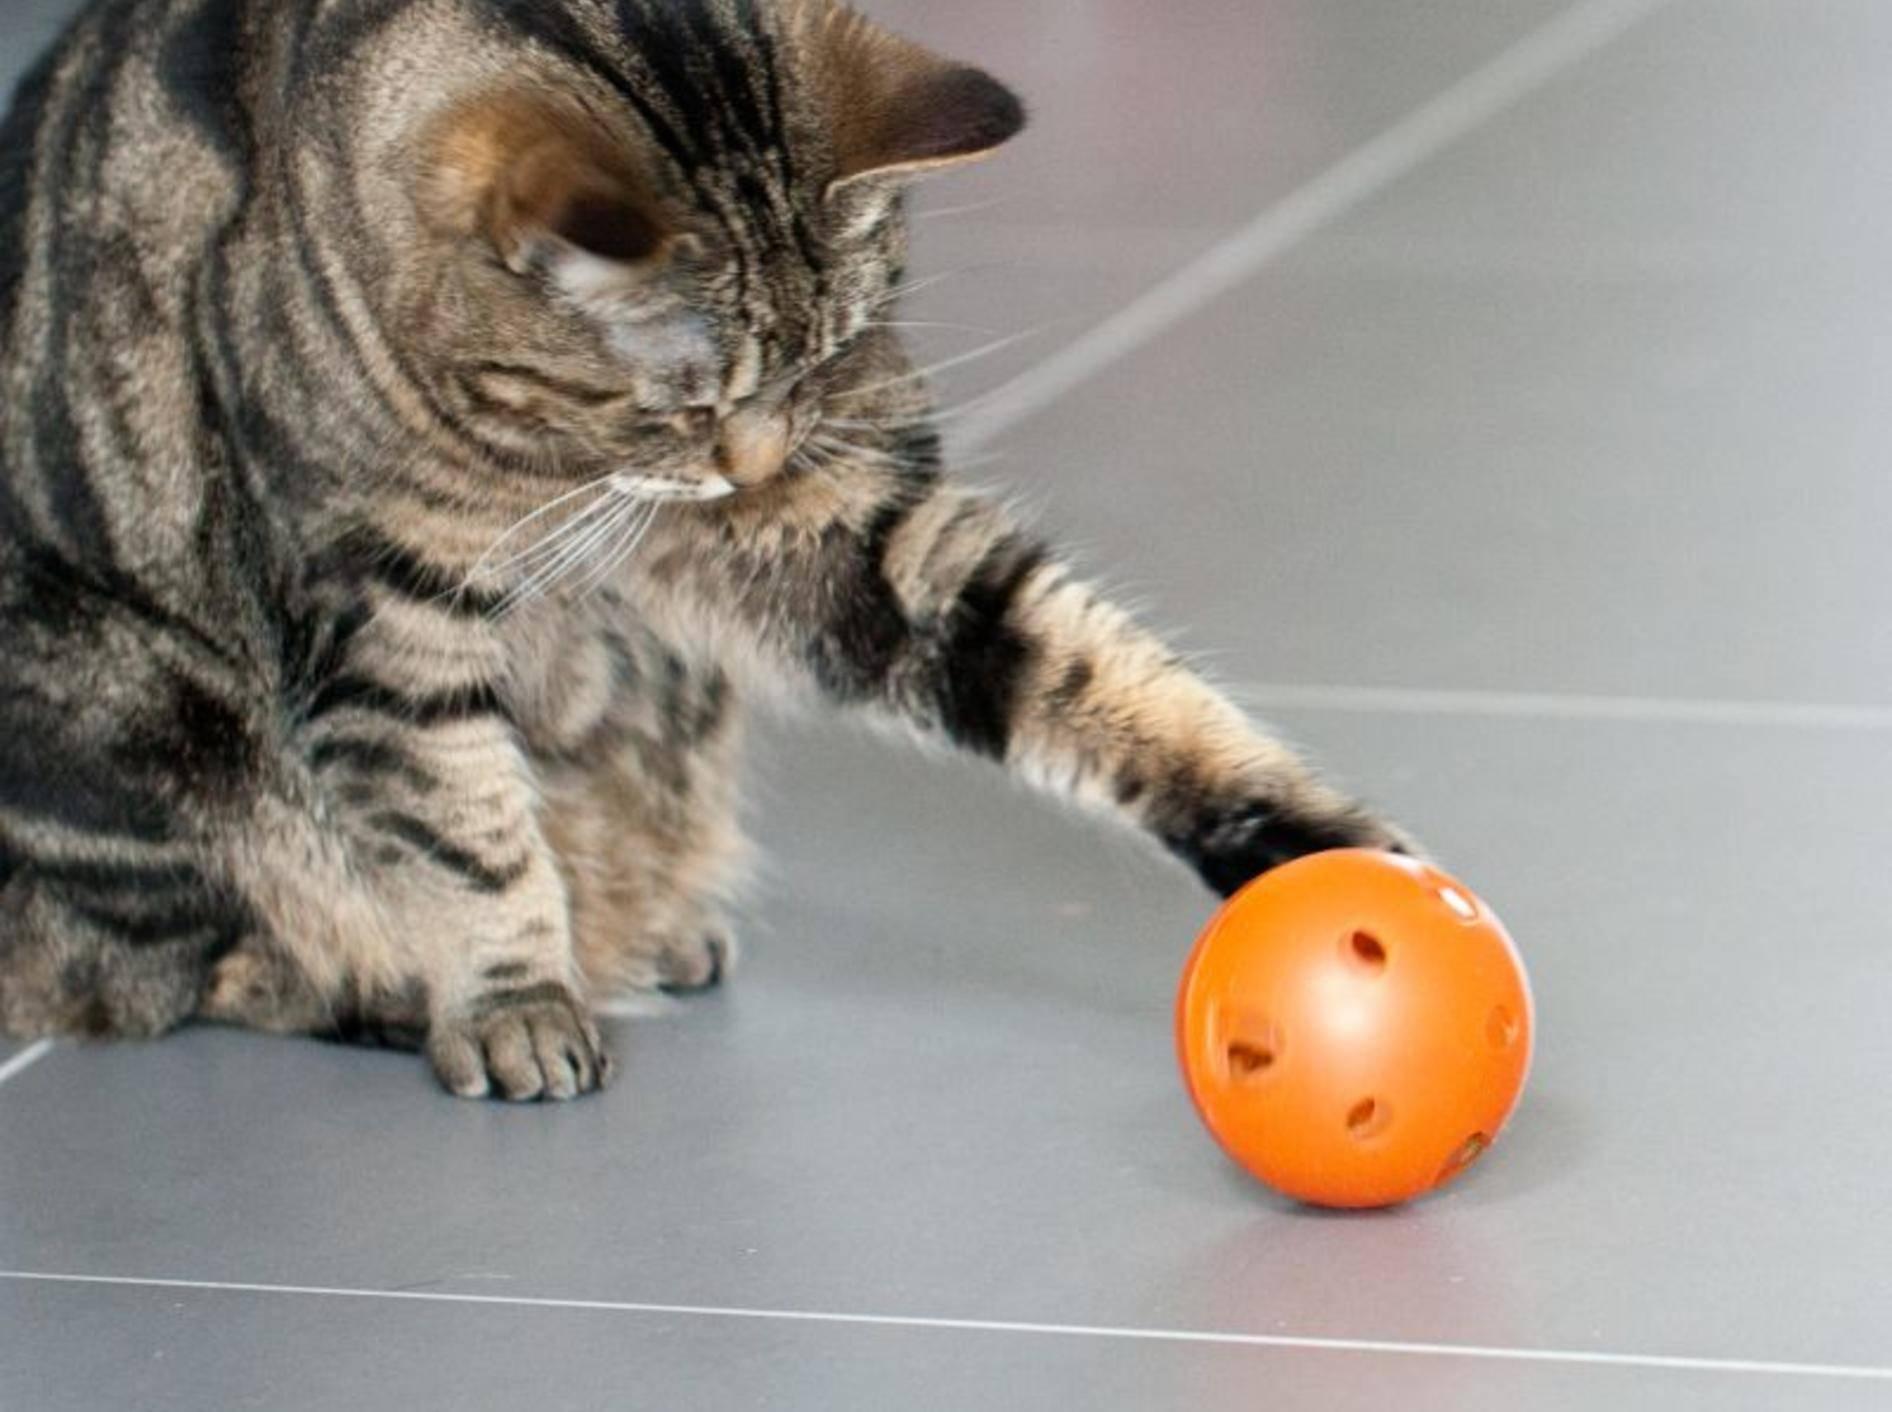 Beschäftigung für den Stubentiger: Der Futterball — Bild: Shutterstock / Anna Morgan